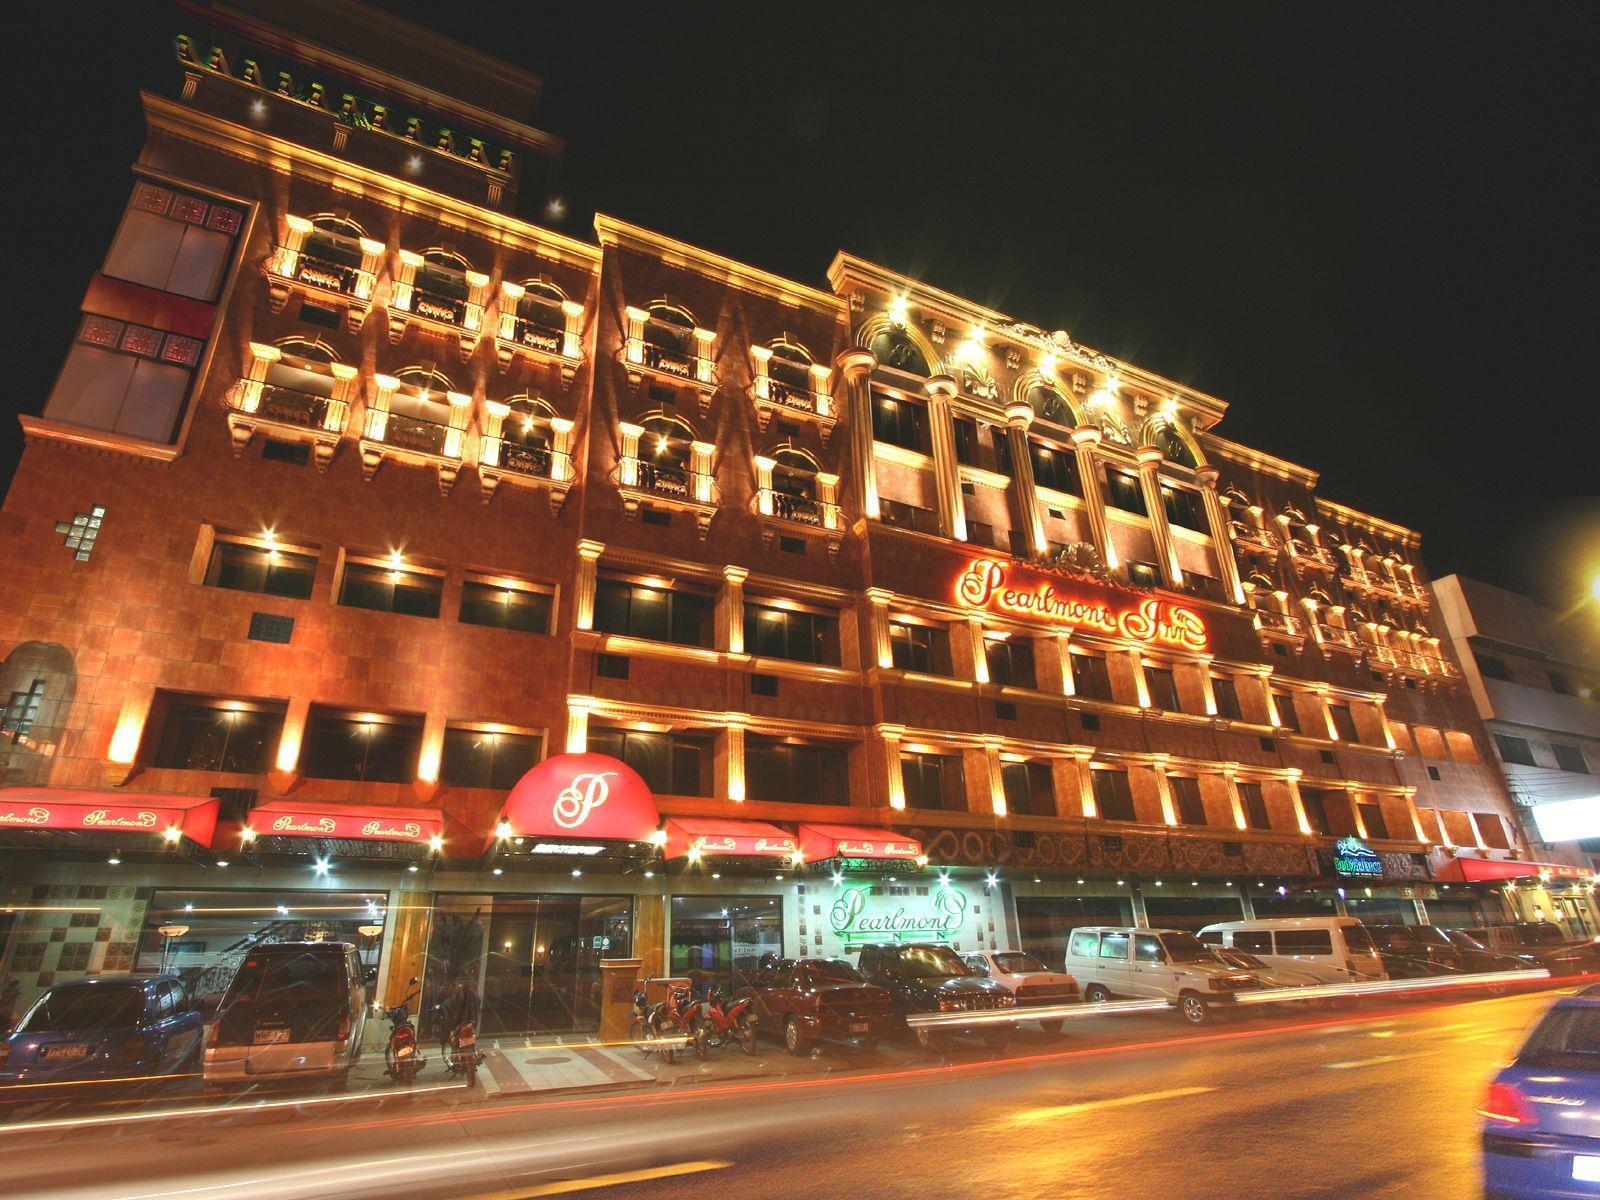 Pearlmont Hotel, Cagayan de Oro City